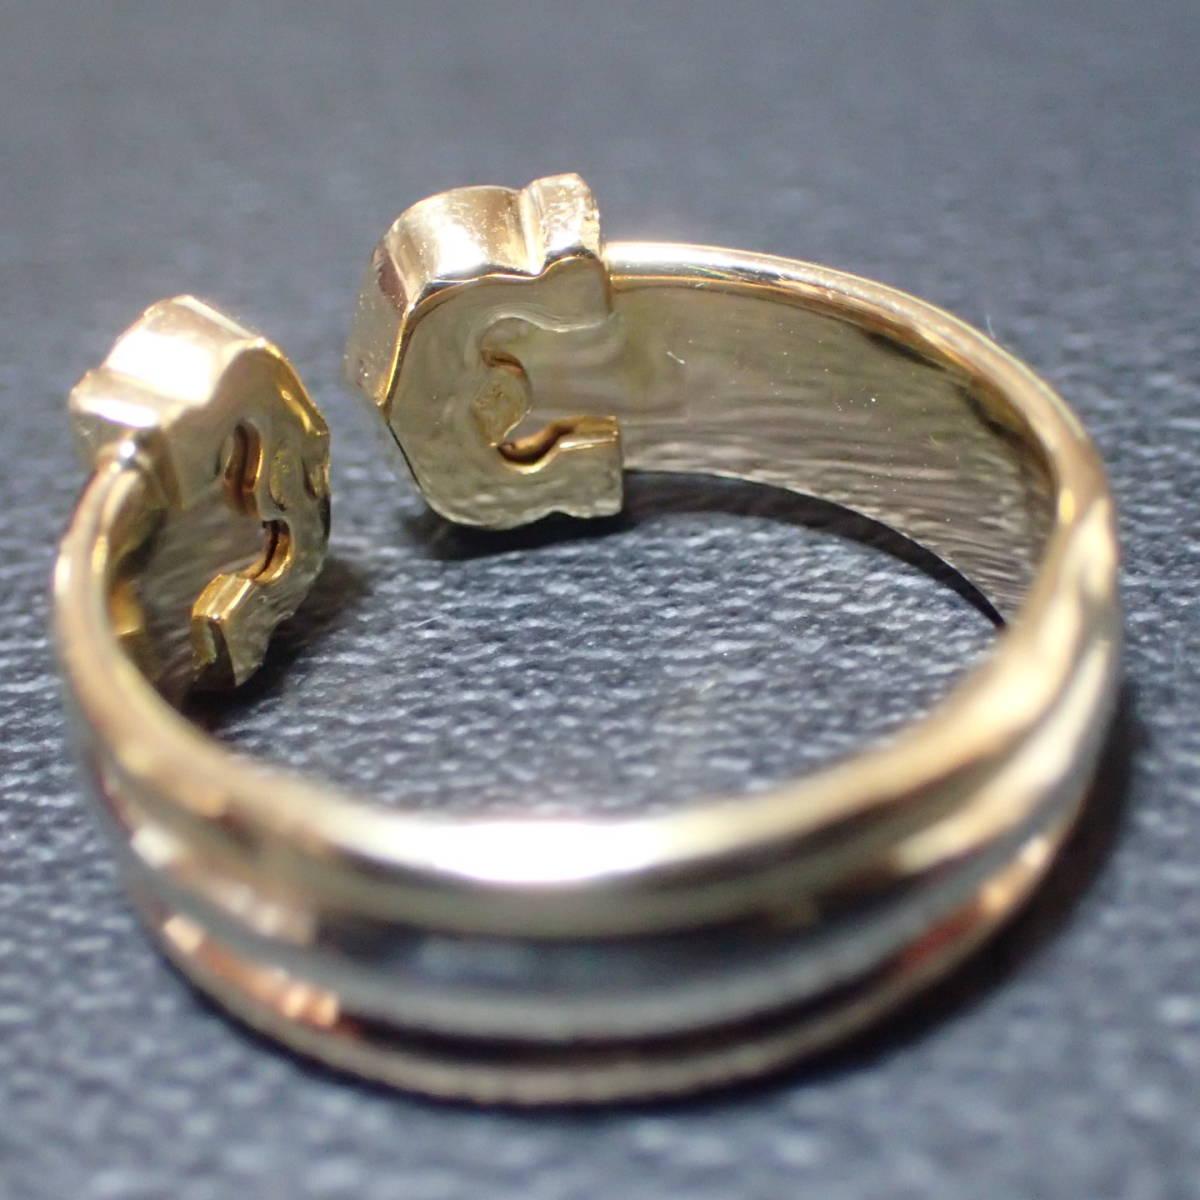 ★人気★【カルティエリング】 CARTIER 2Cモチーフリング ダイヤ K18 3カラー(新古品):日本サイズ12号:磨き済:_画像5